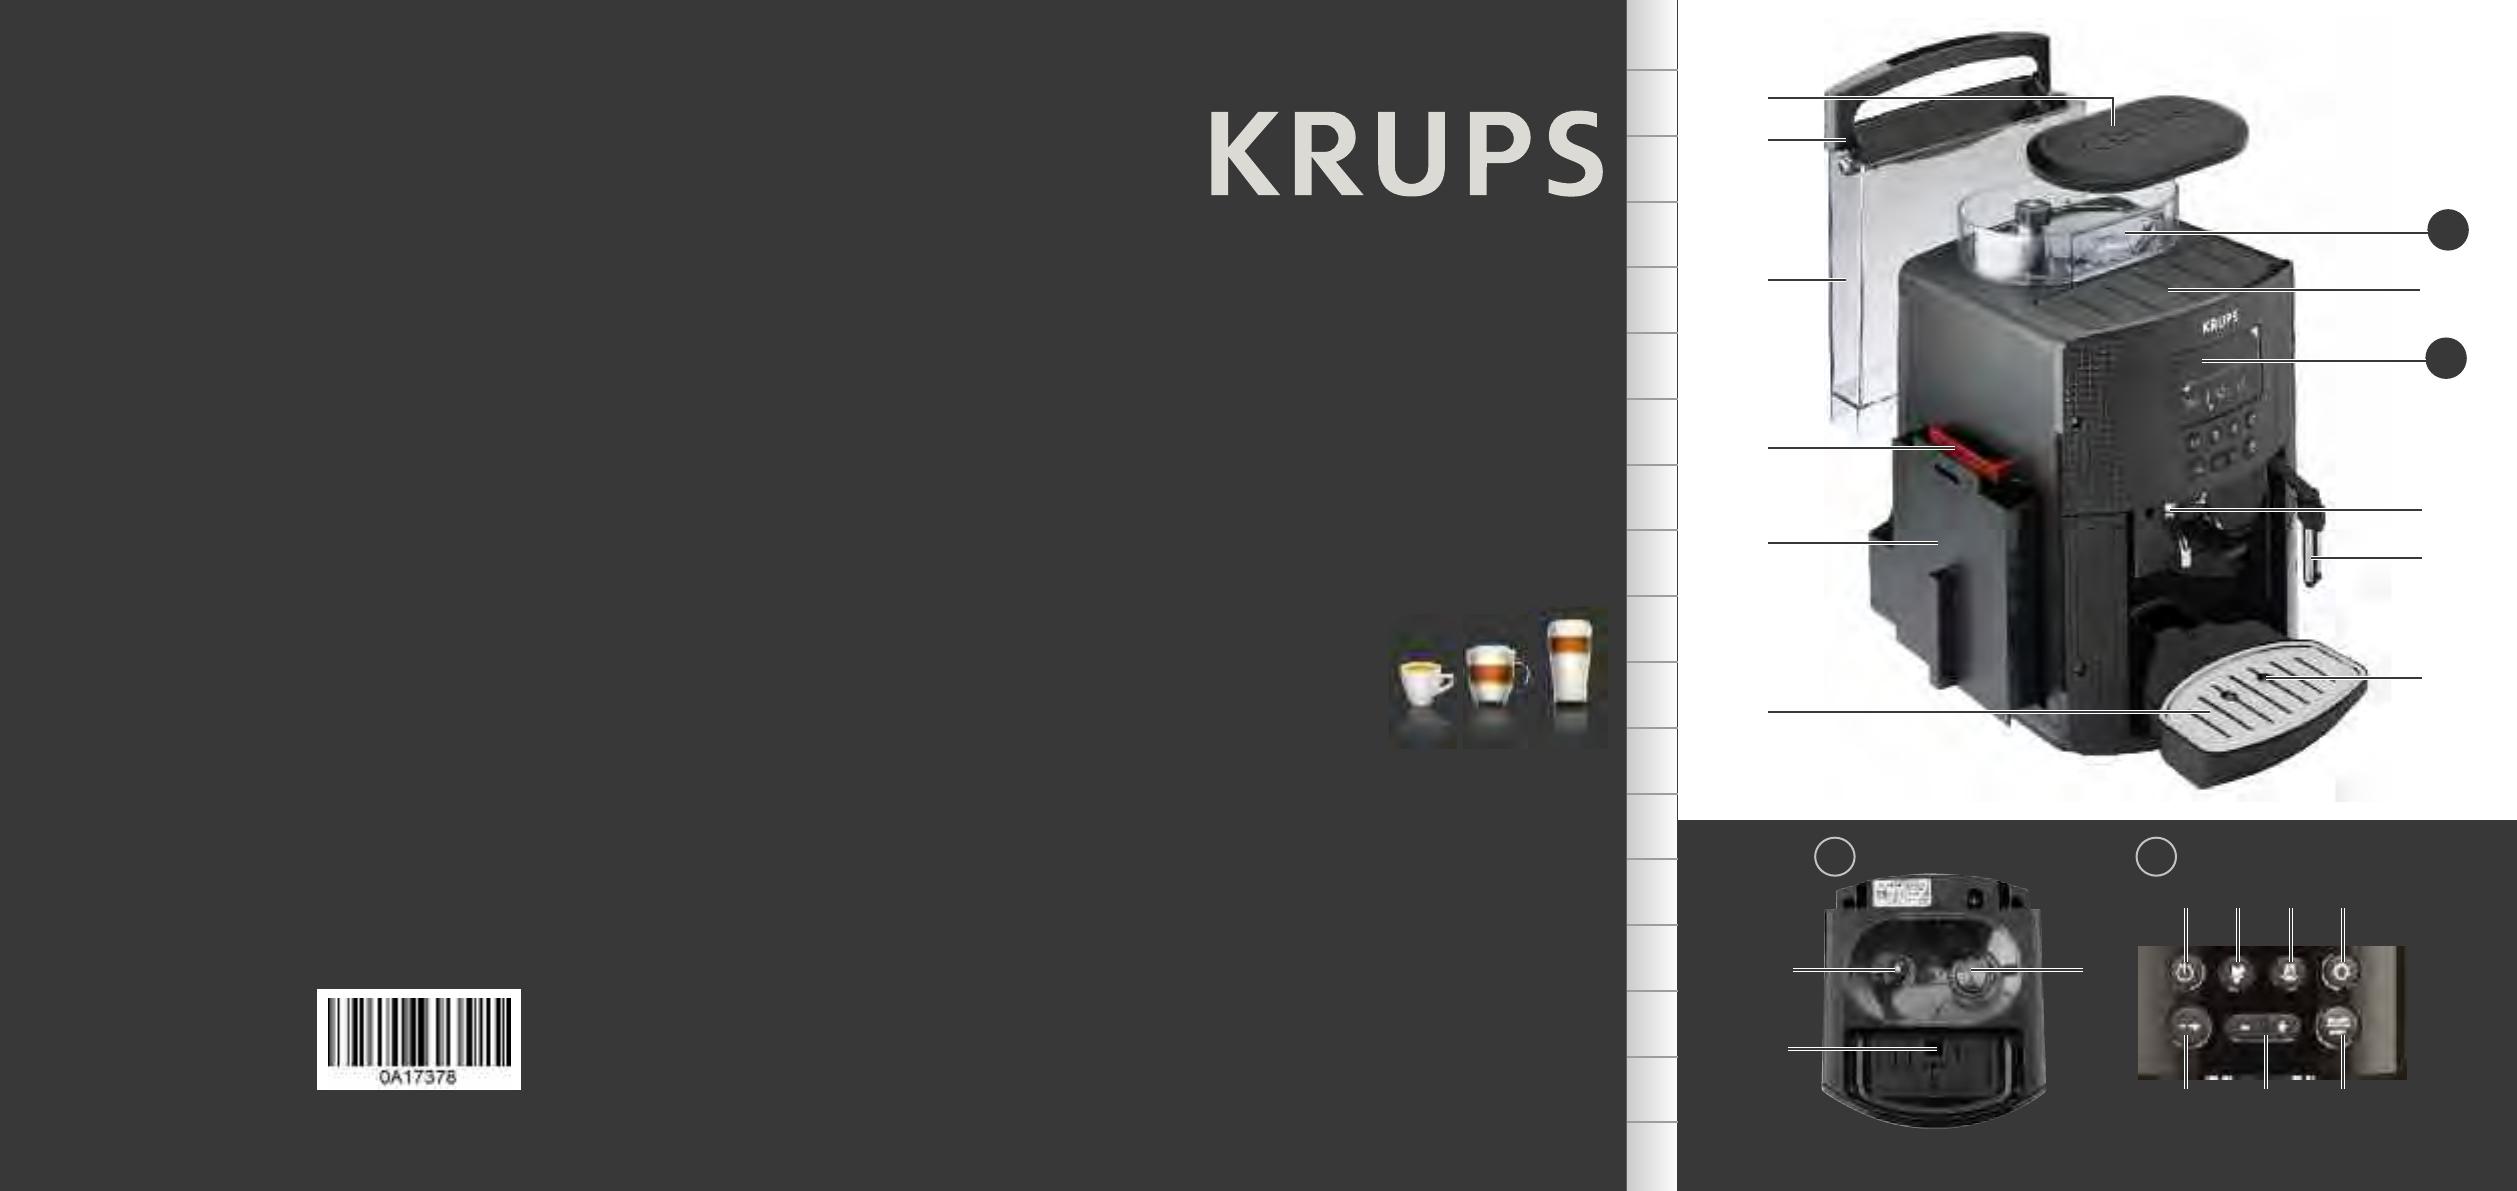 Ea8150pagina 43deutschEnglish Krups 17 Handleiding Van c3R5Lq4AjS